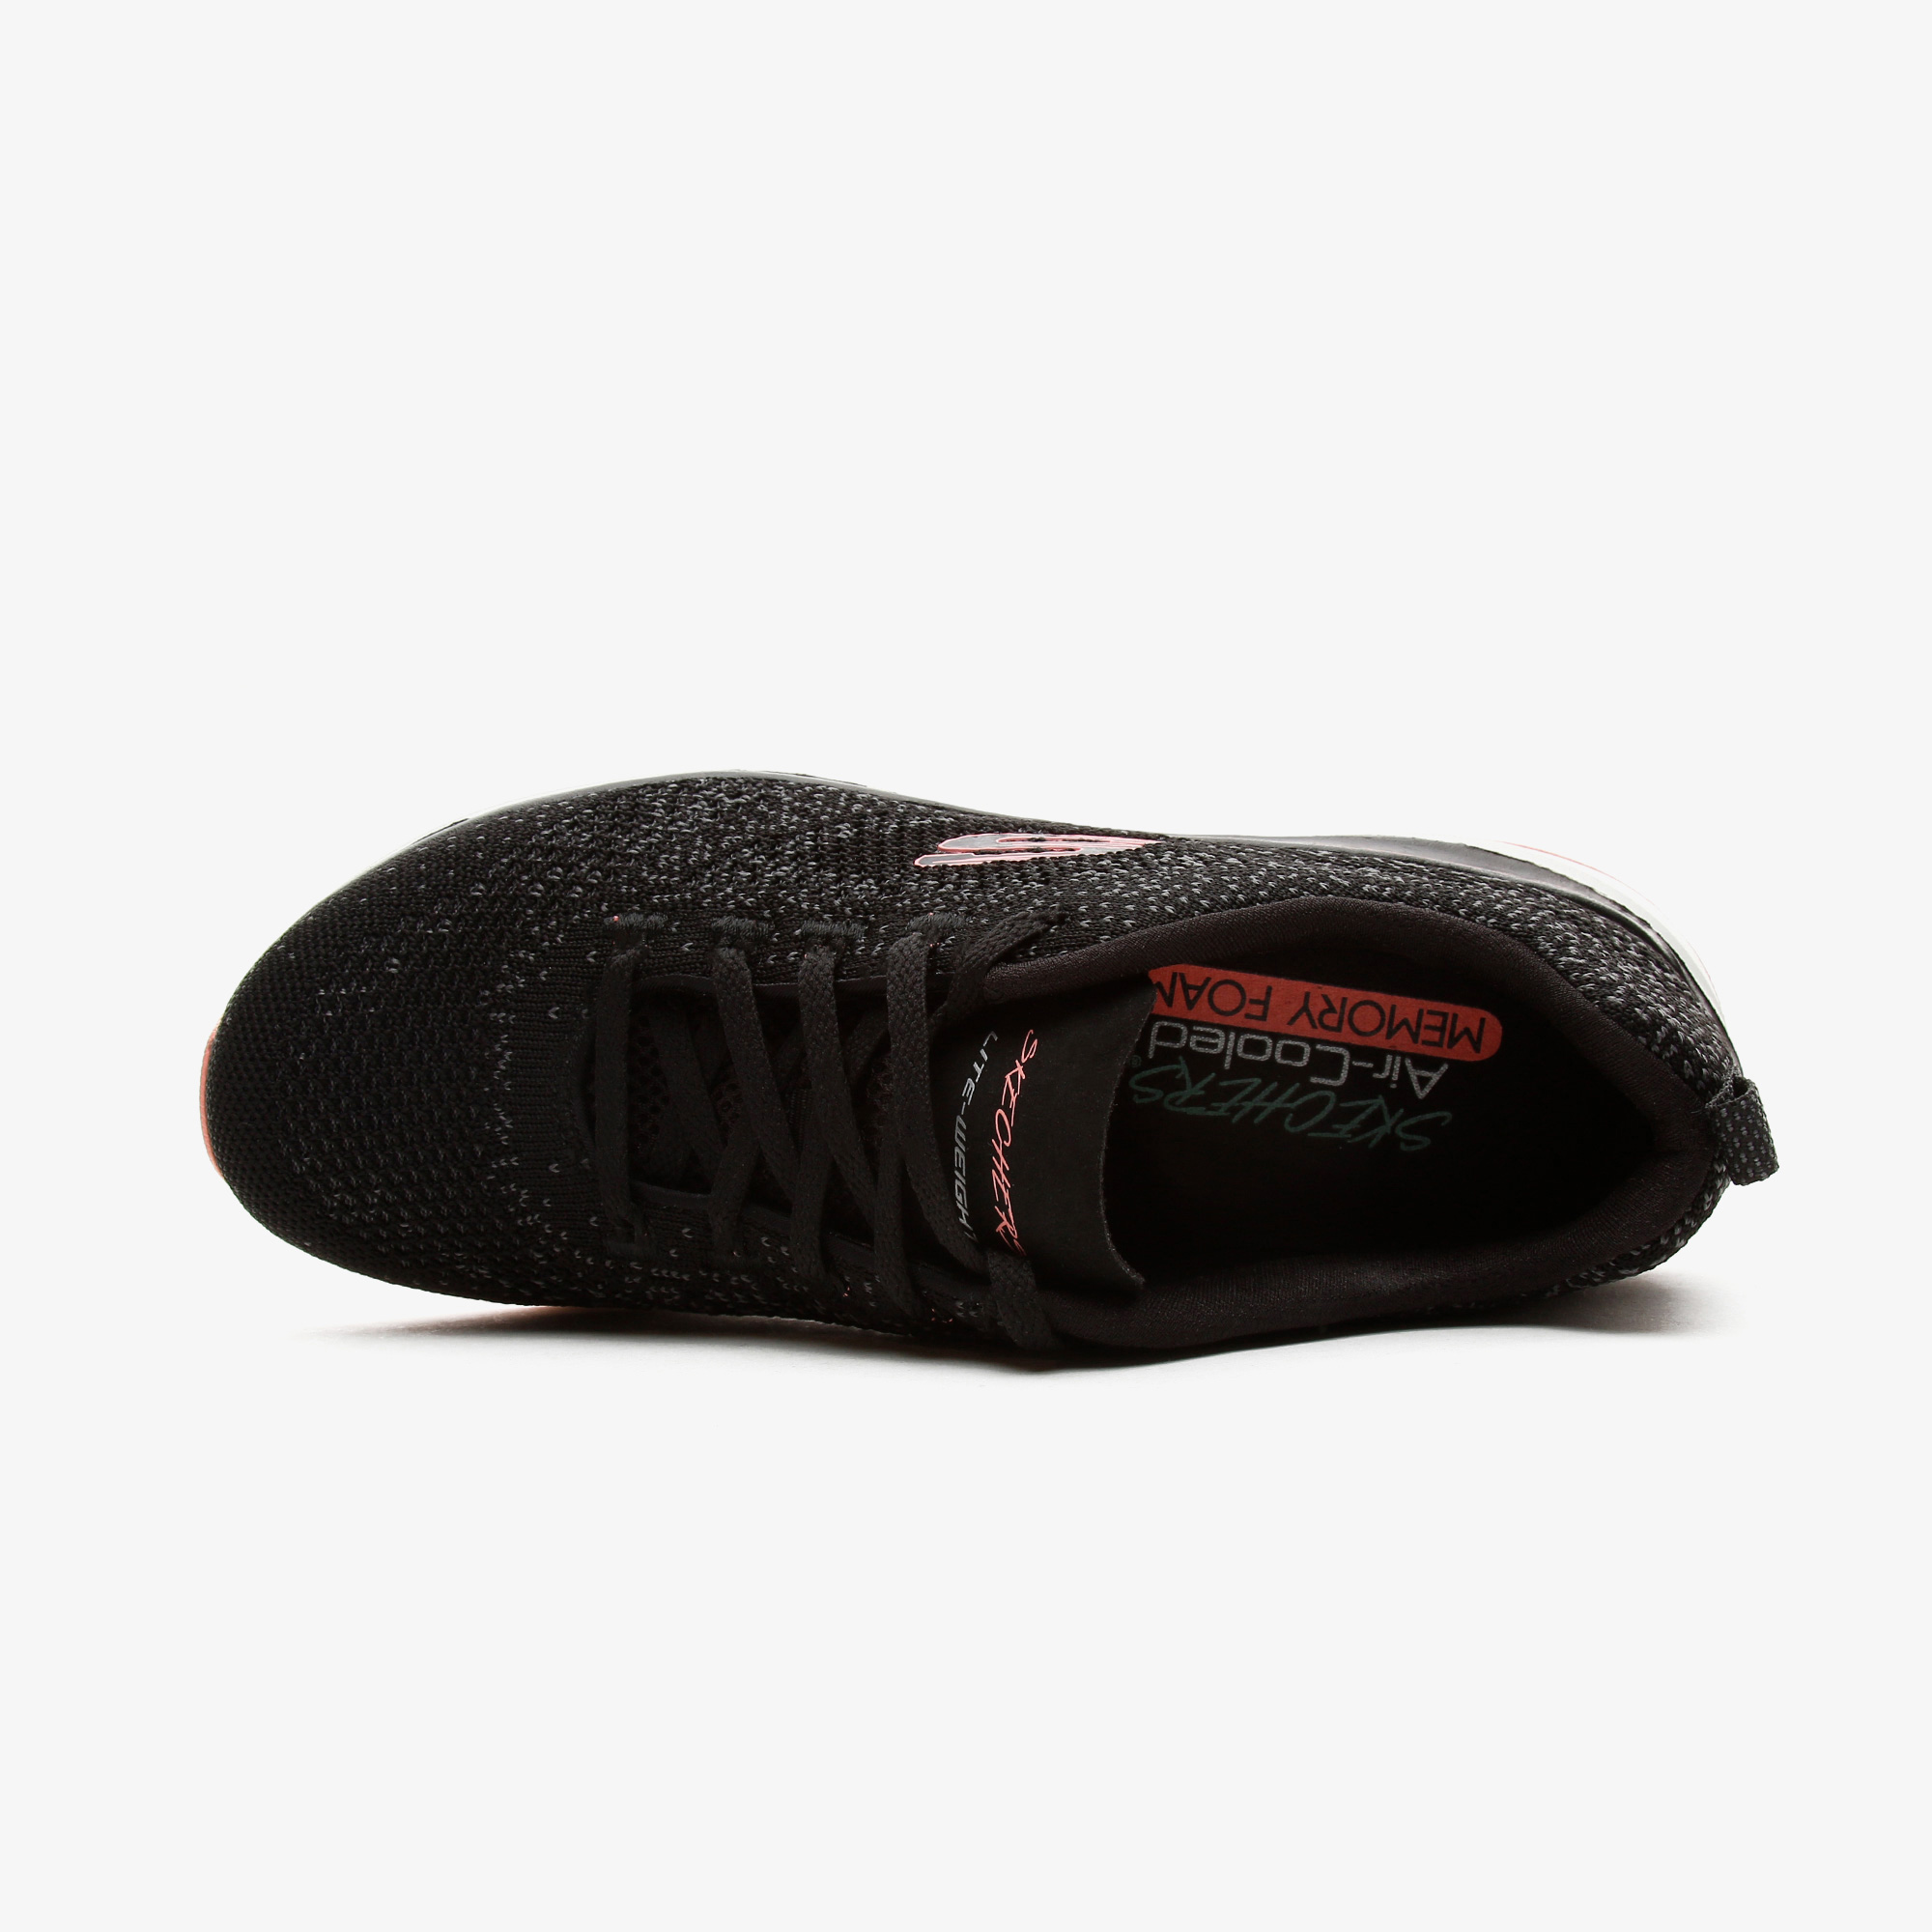 Skechers Ultra Groove - Kadın Siyah Spor Ayakkabı